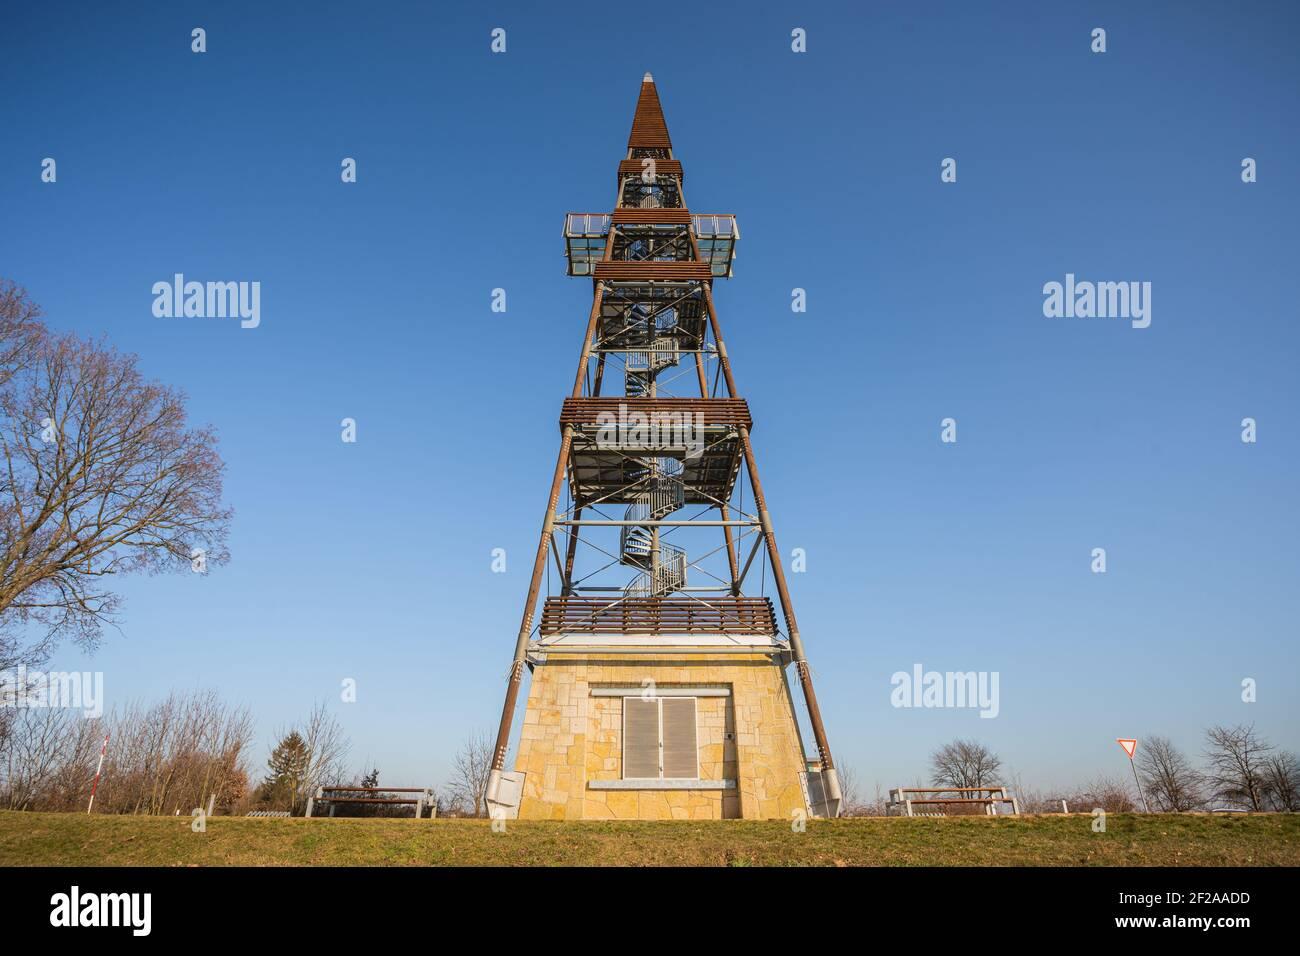 La tour d'observation Cizovka est assez nouvelle tour ner Cesky Raj - Paradis tchèque. Temps ensoleillé avec ciel clair. Banque D'Images